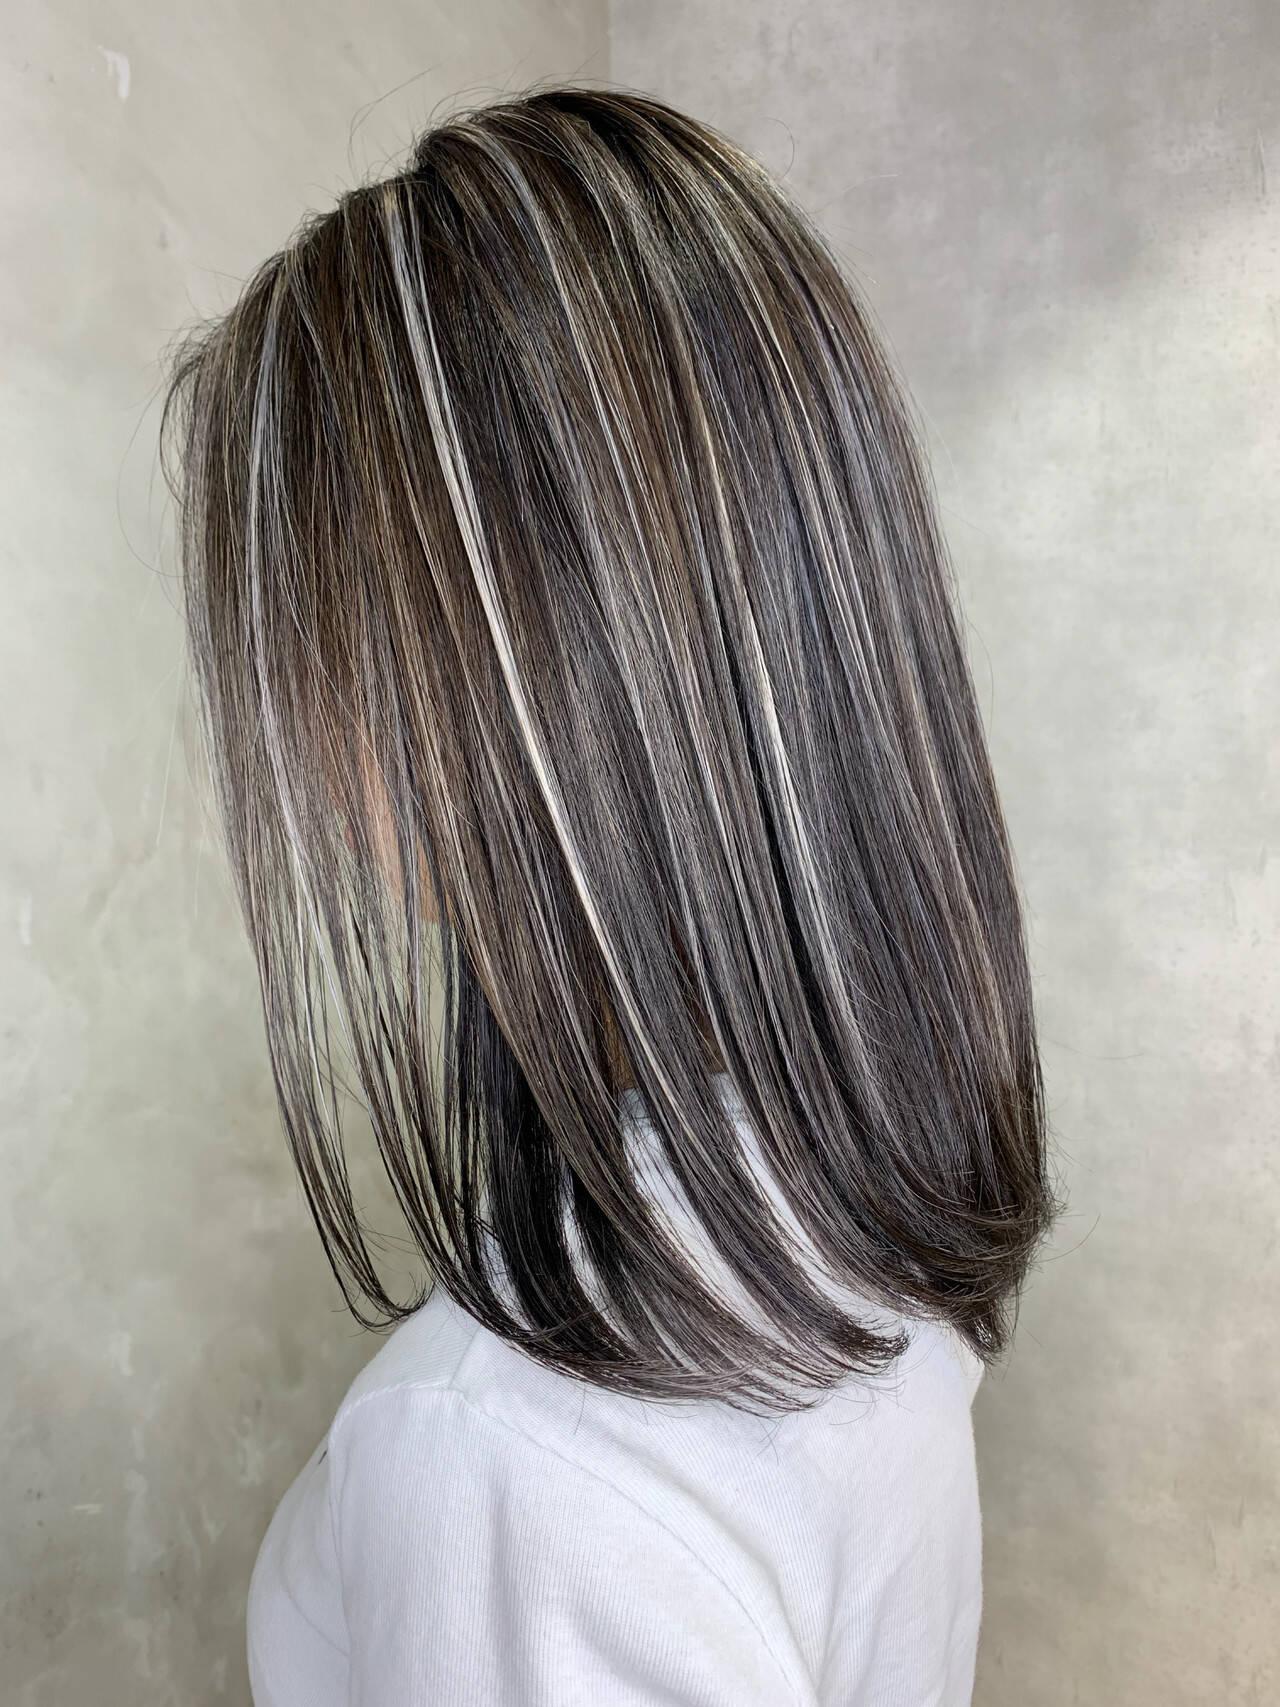 ホワイトブリーチ 大人ハイライト ハイライト ロングヘアスタイルや髪型の写真・画像